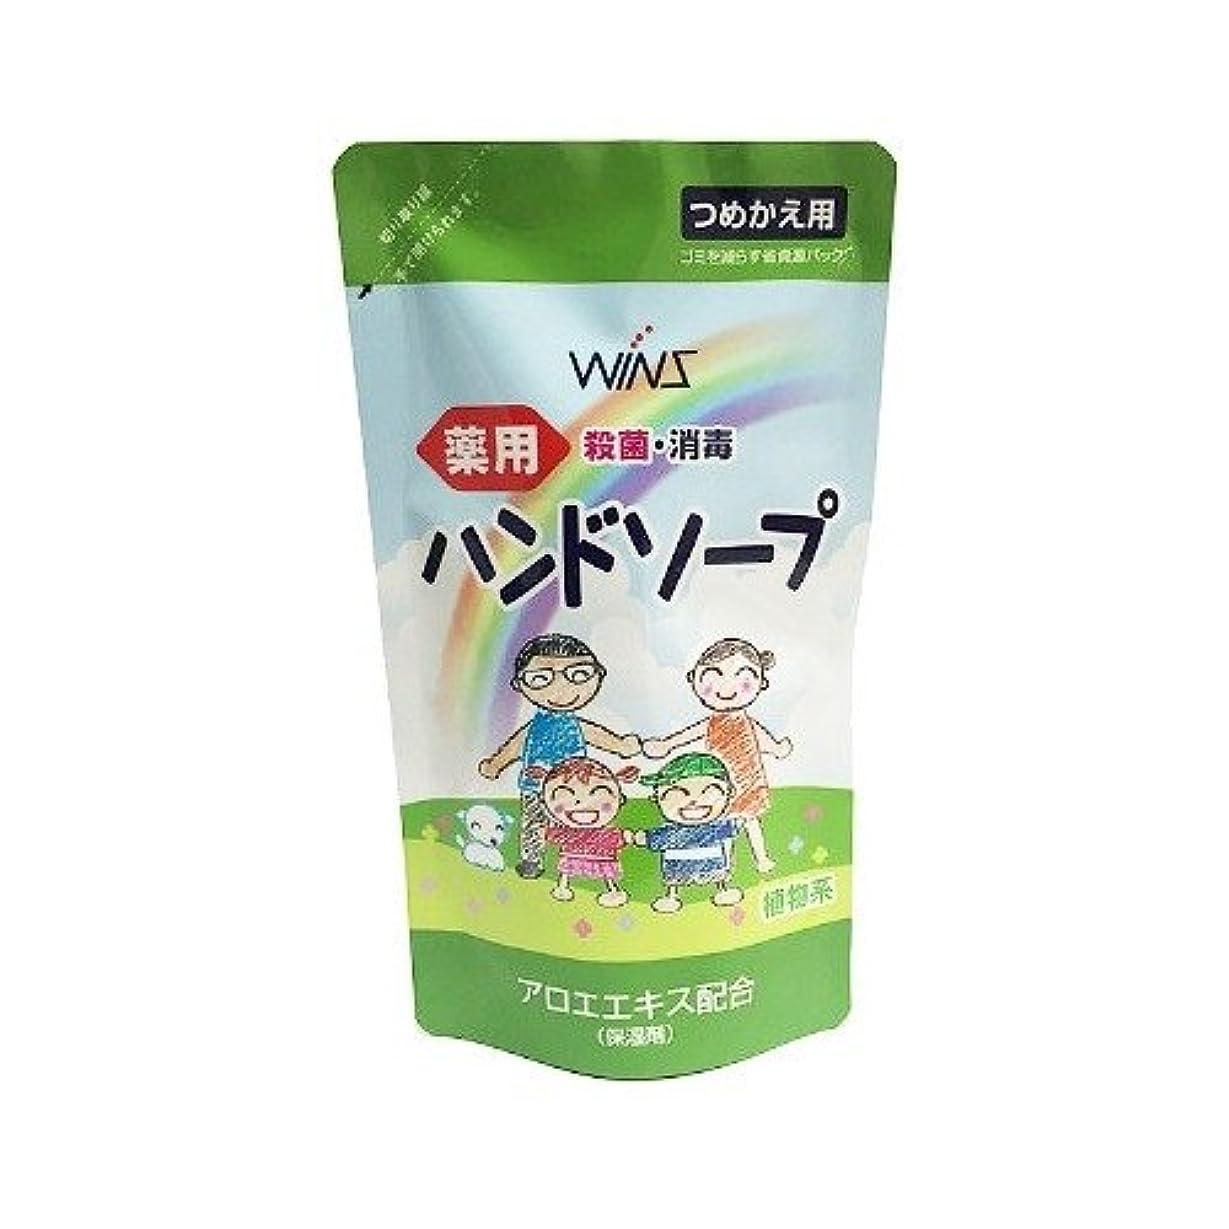 二年生それによって特異なウインズ 薬用ハンドソープ 詰替 200mL 日本合成洗剤